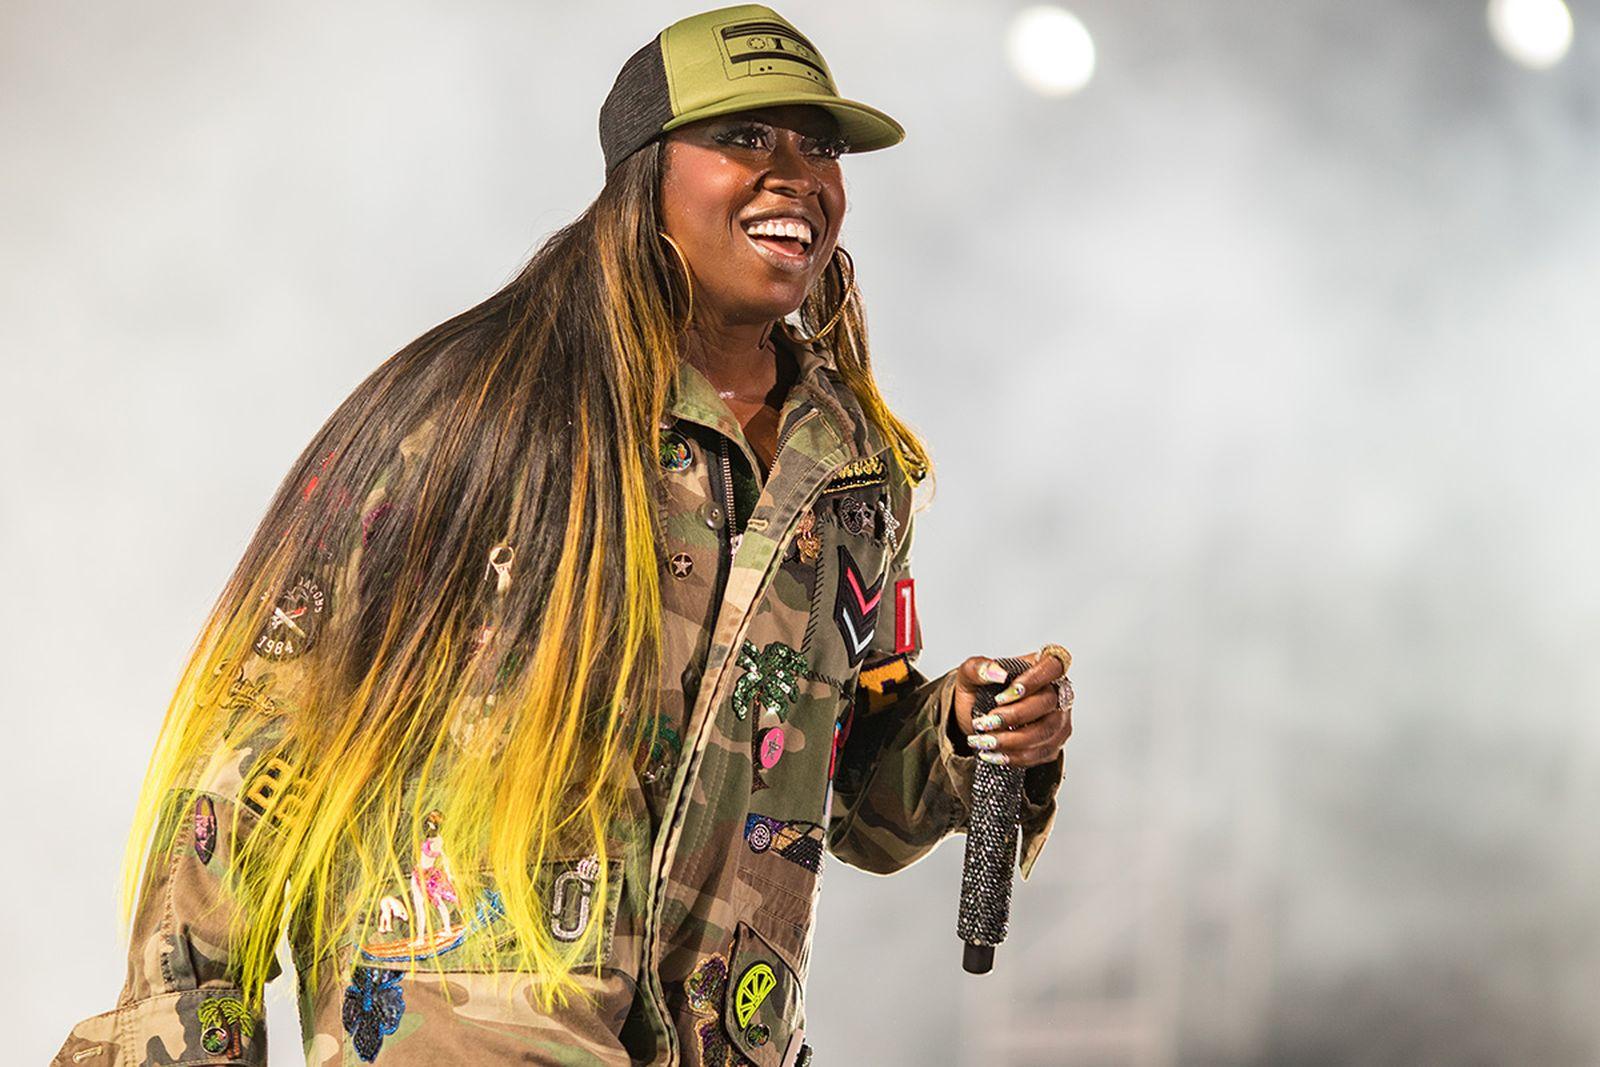 missy elliot video vanguard 2019 VMAs Missy Elliott mtv vma